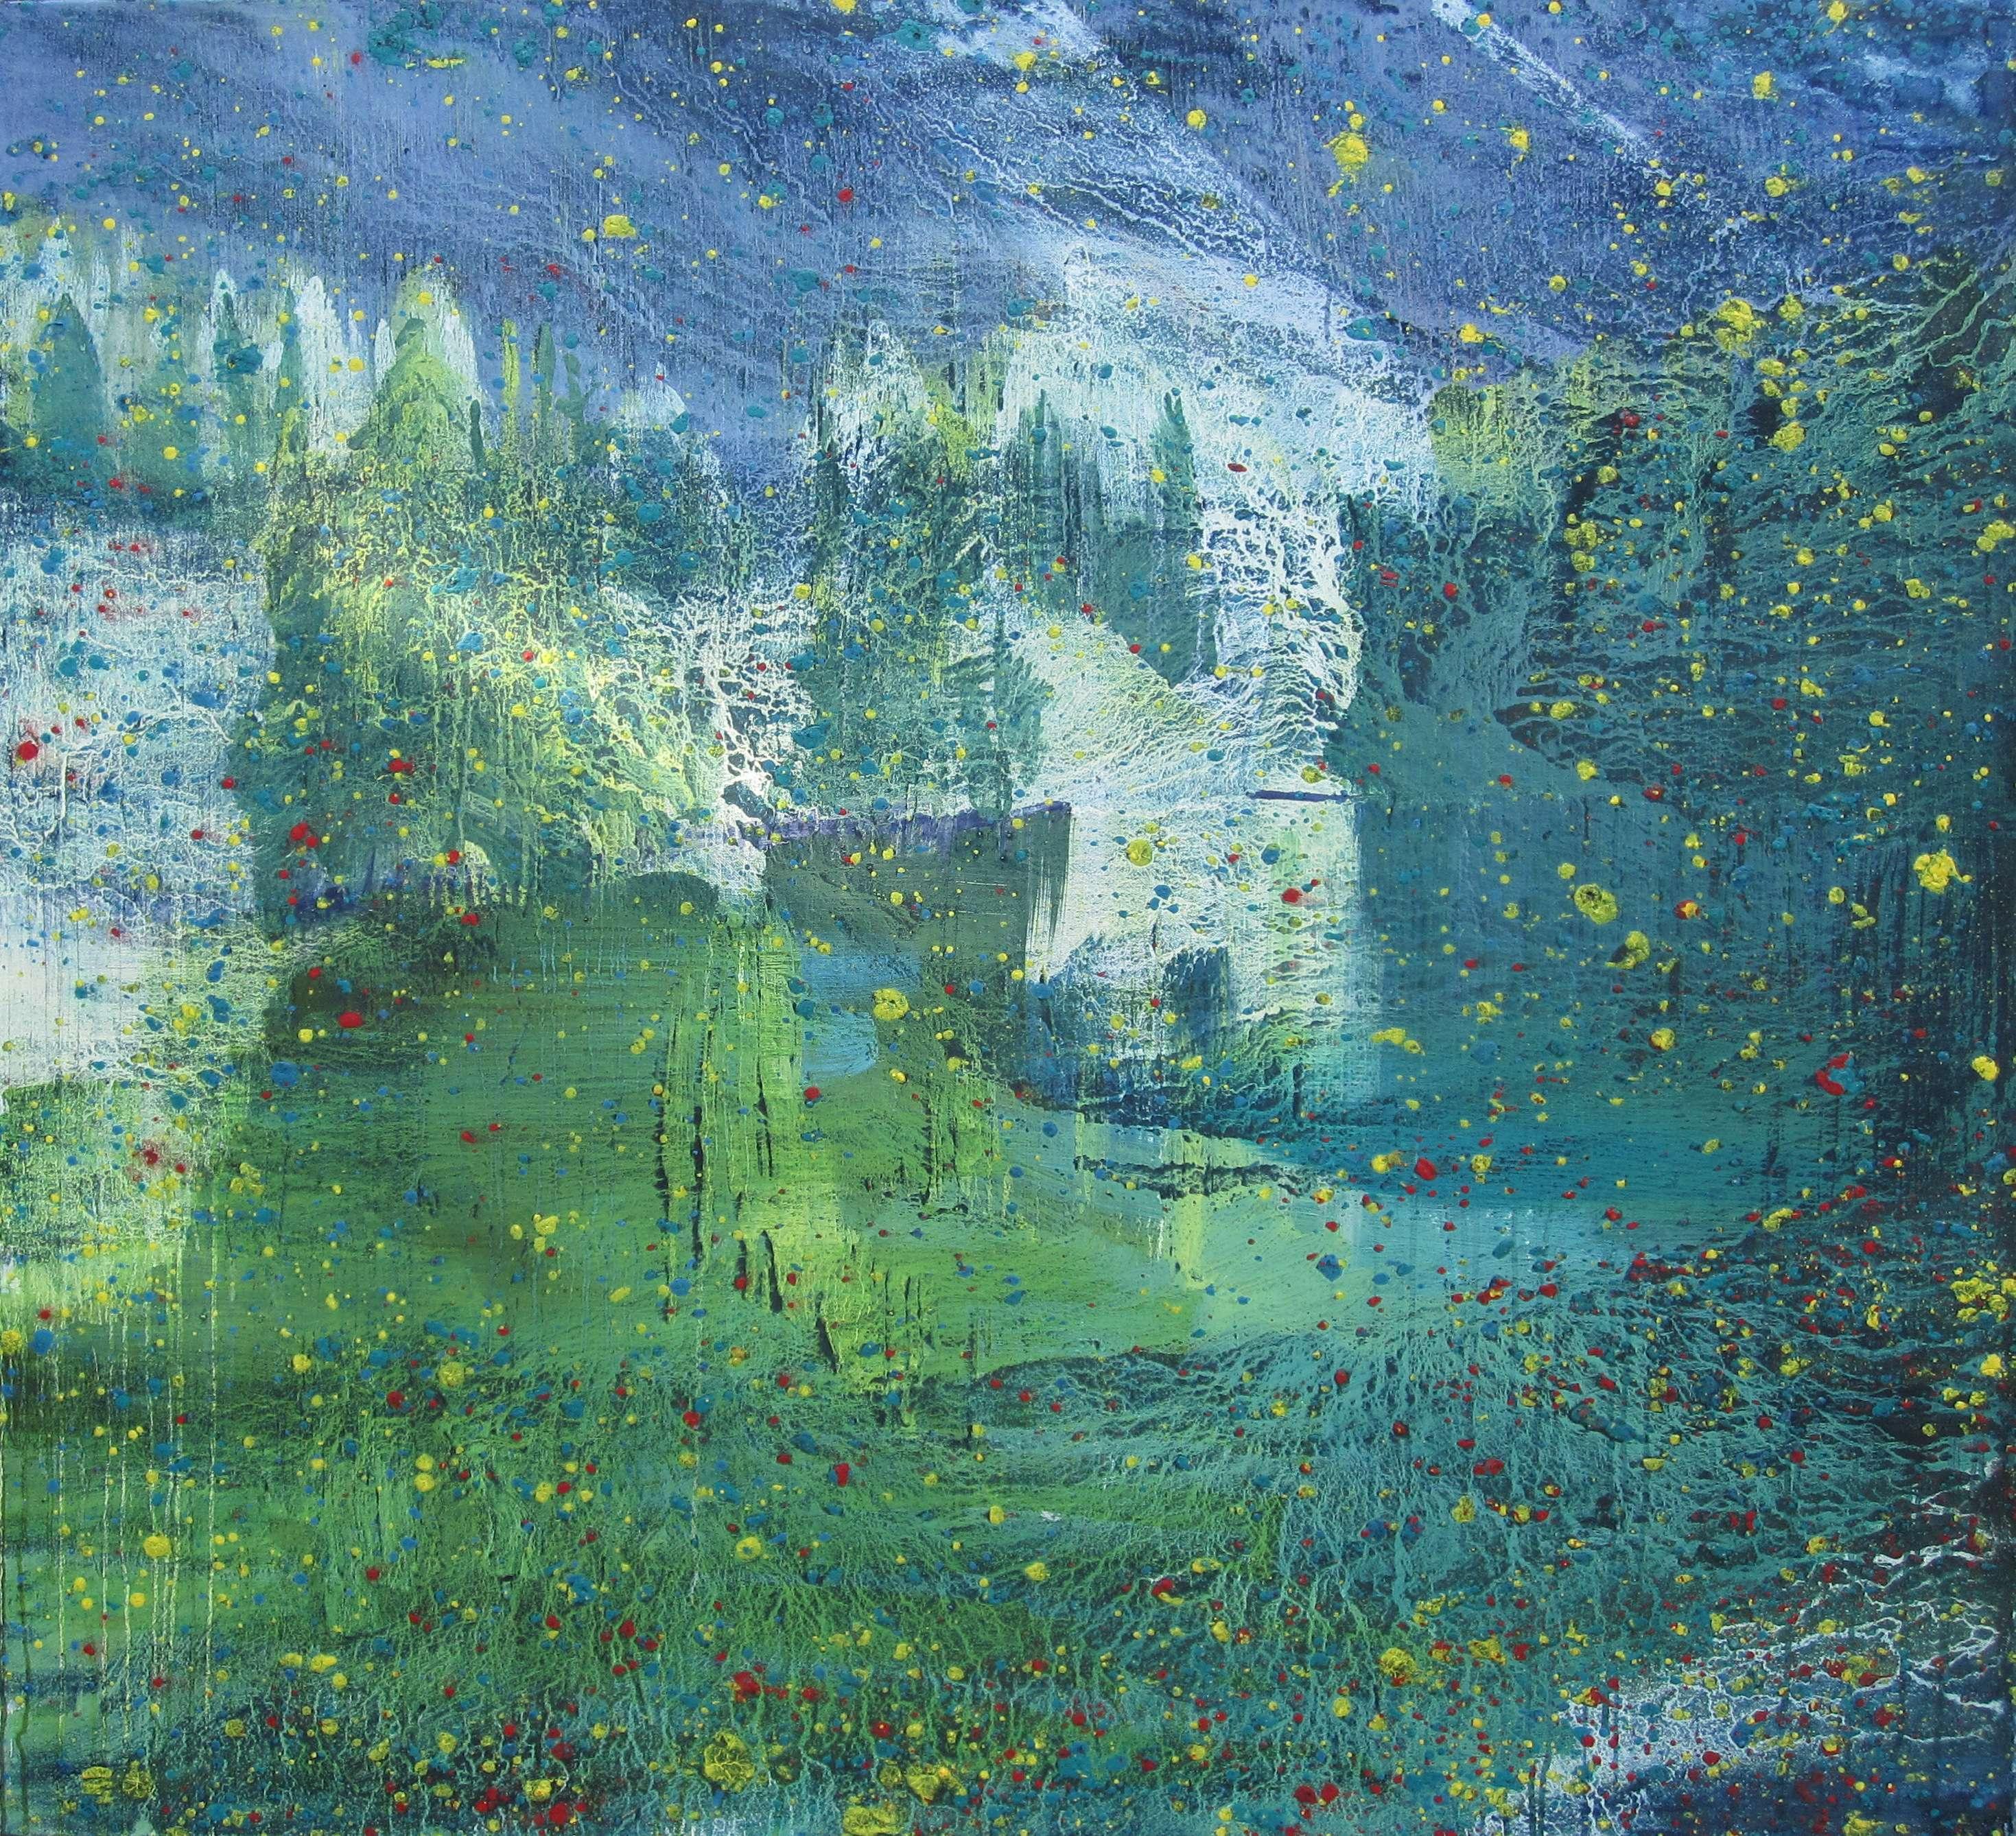 1006rdct_1_Davoser See, 2012, 110x125cm, Tempera und Öl auf Nessel